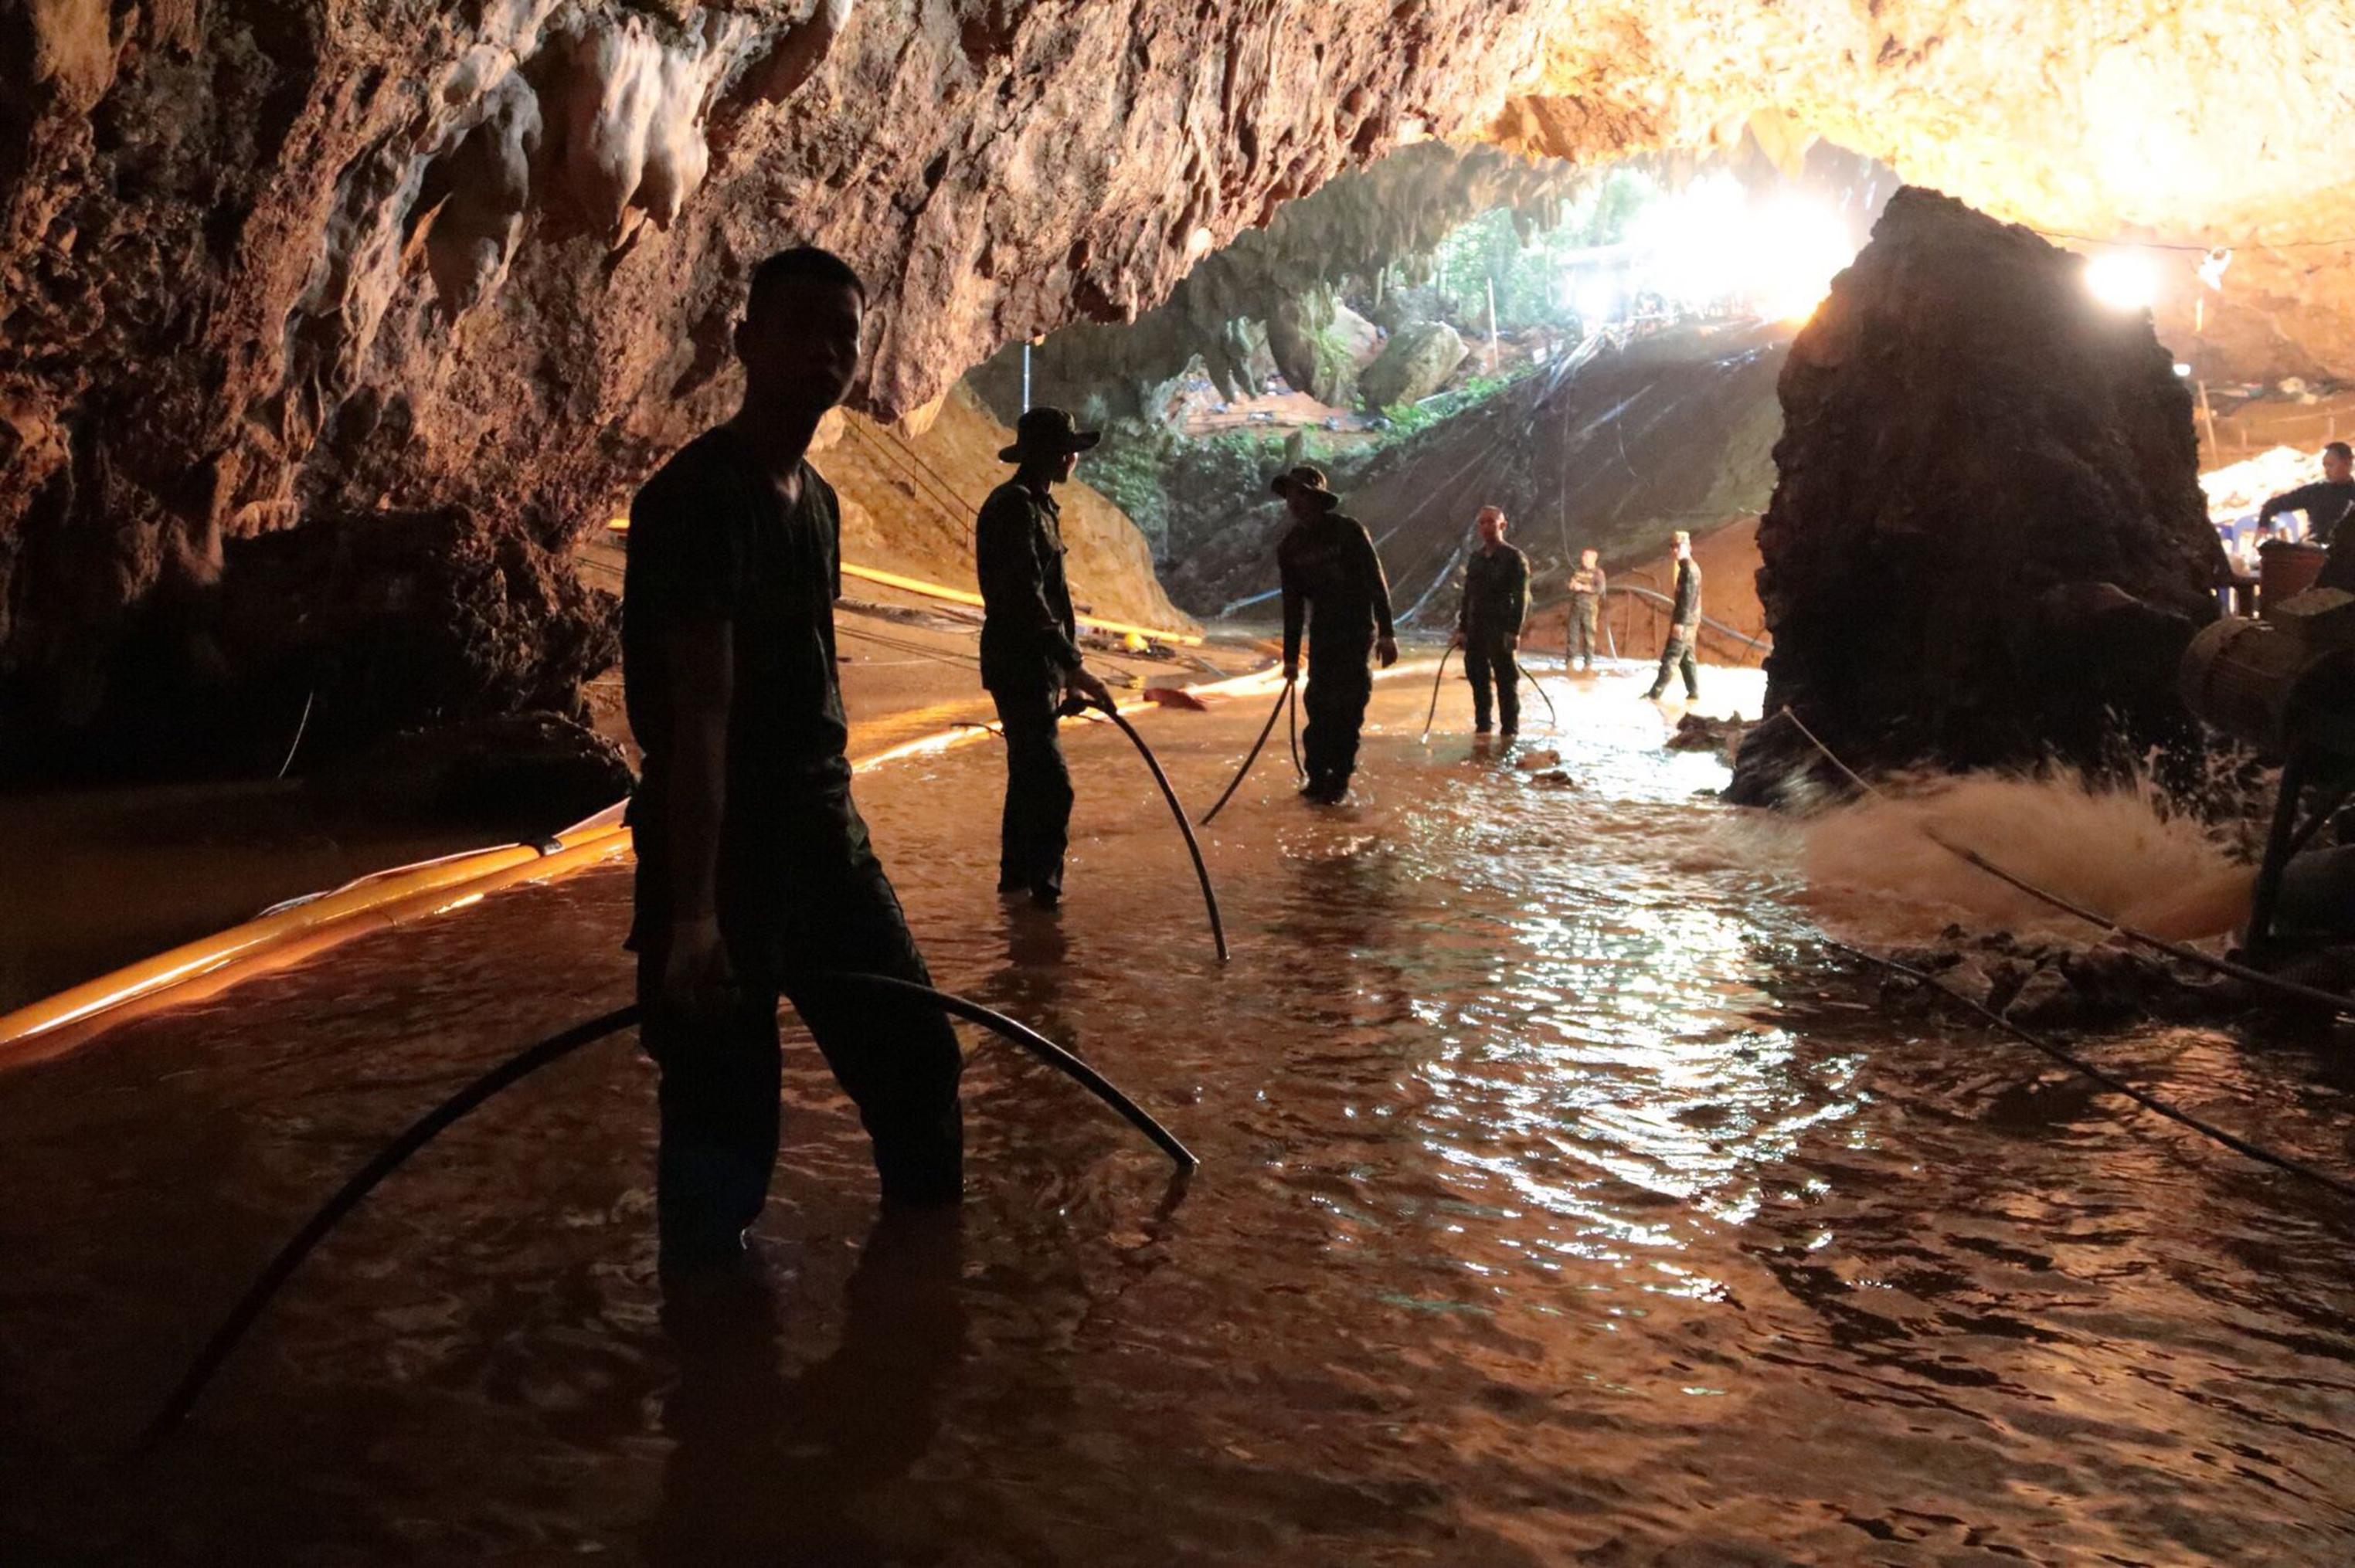 Barlangi mentőbúvárok mentették ki egy barlangból a barlangi mentőbúvárt, aki tavaly 12 gyereket mentett ki Thaiföldön egy barlangban búvárkodva